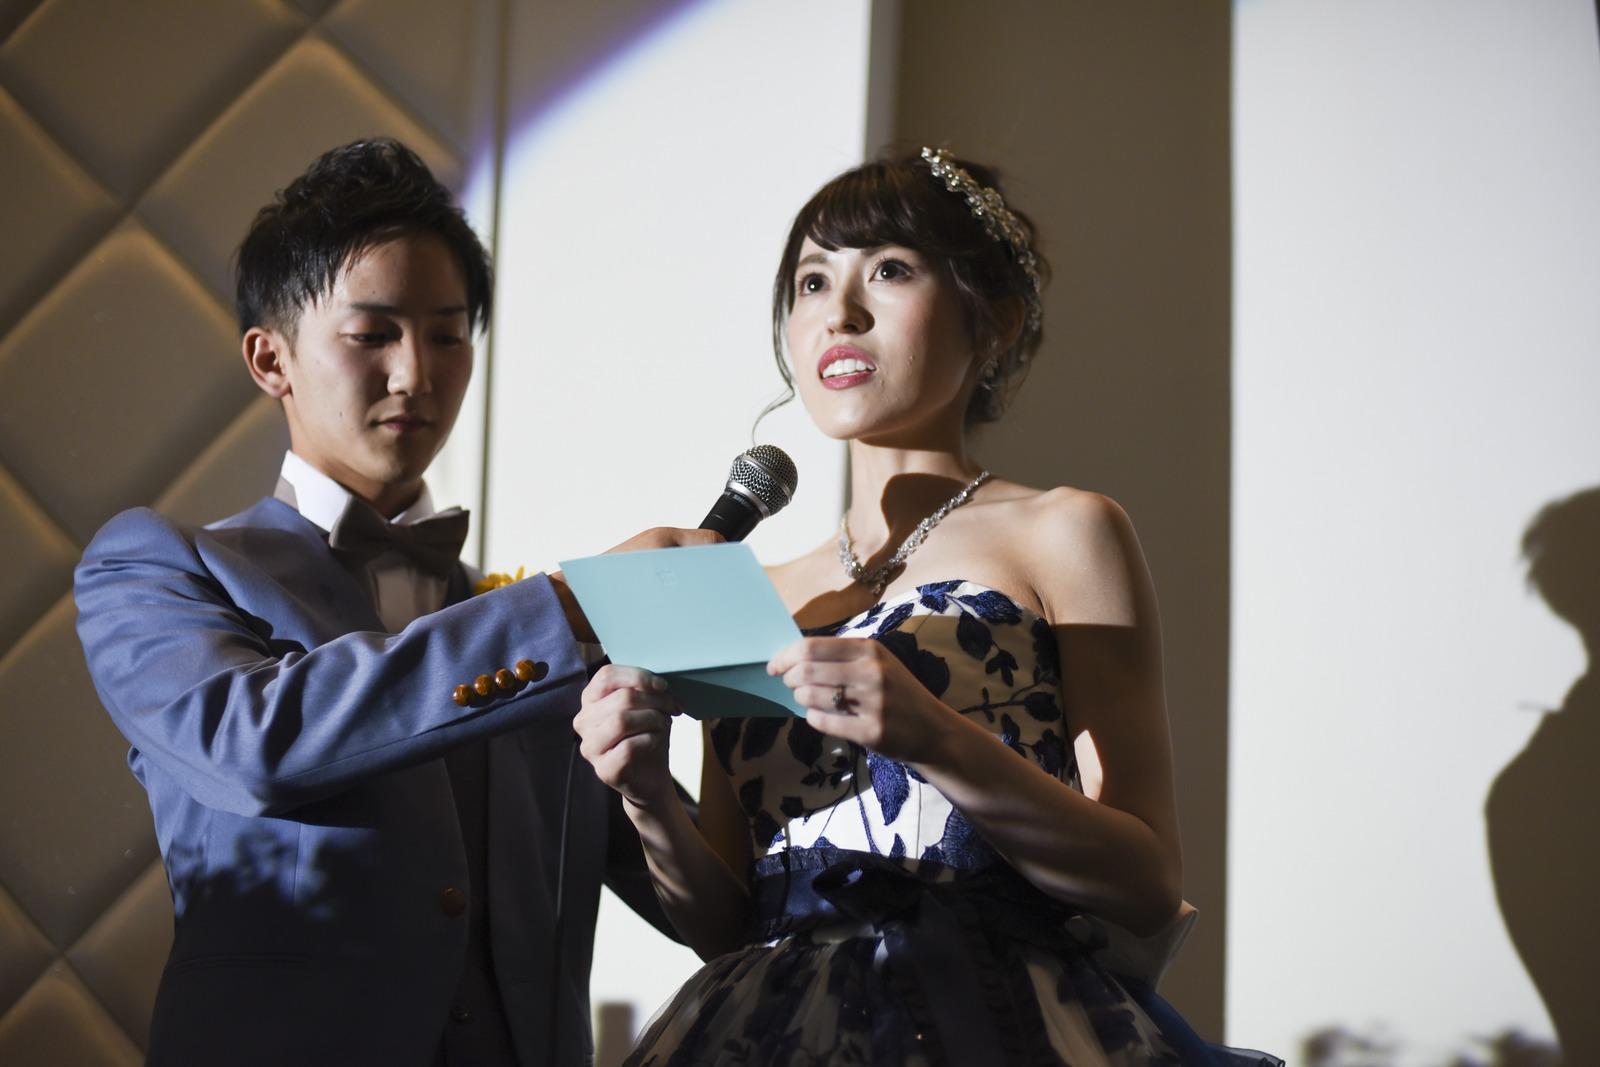 香川の結婚式場シェルエメール&アイスタイルの新婦手紙